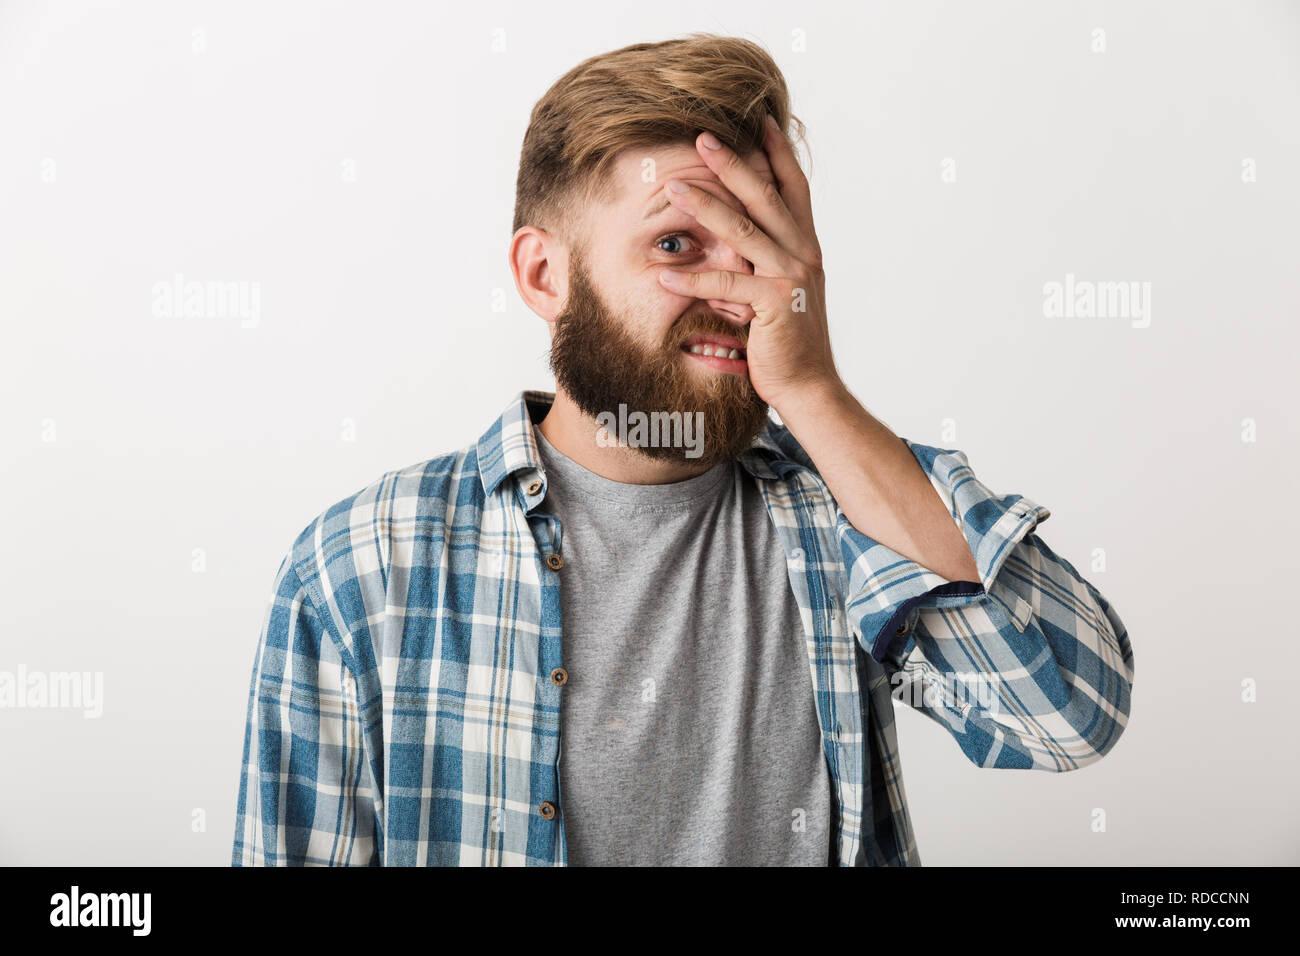 Beschämt, bärtigen Mann in Plaid Shirt auf weißem Hintergrund gekleidet, Abdeckung zeigen Stockbild